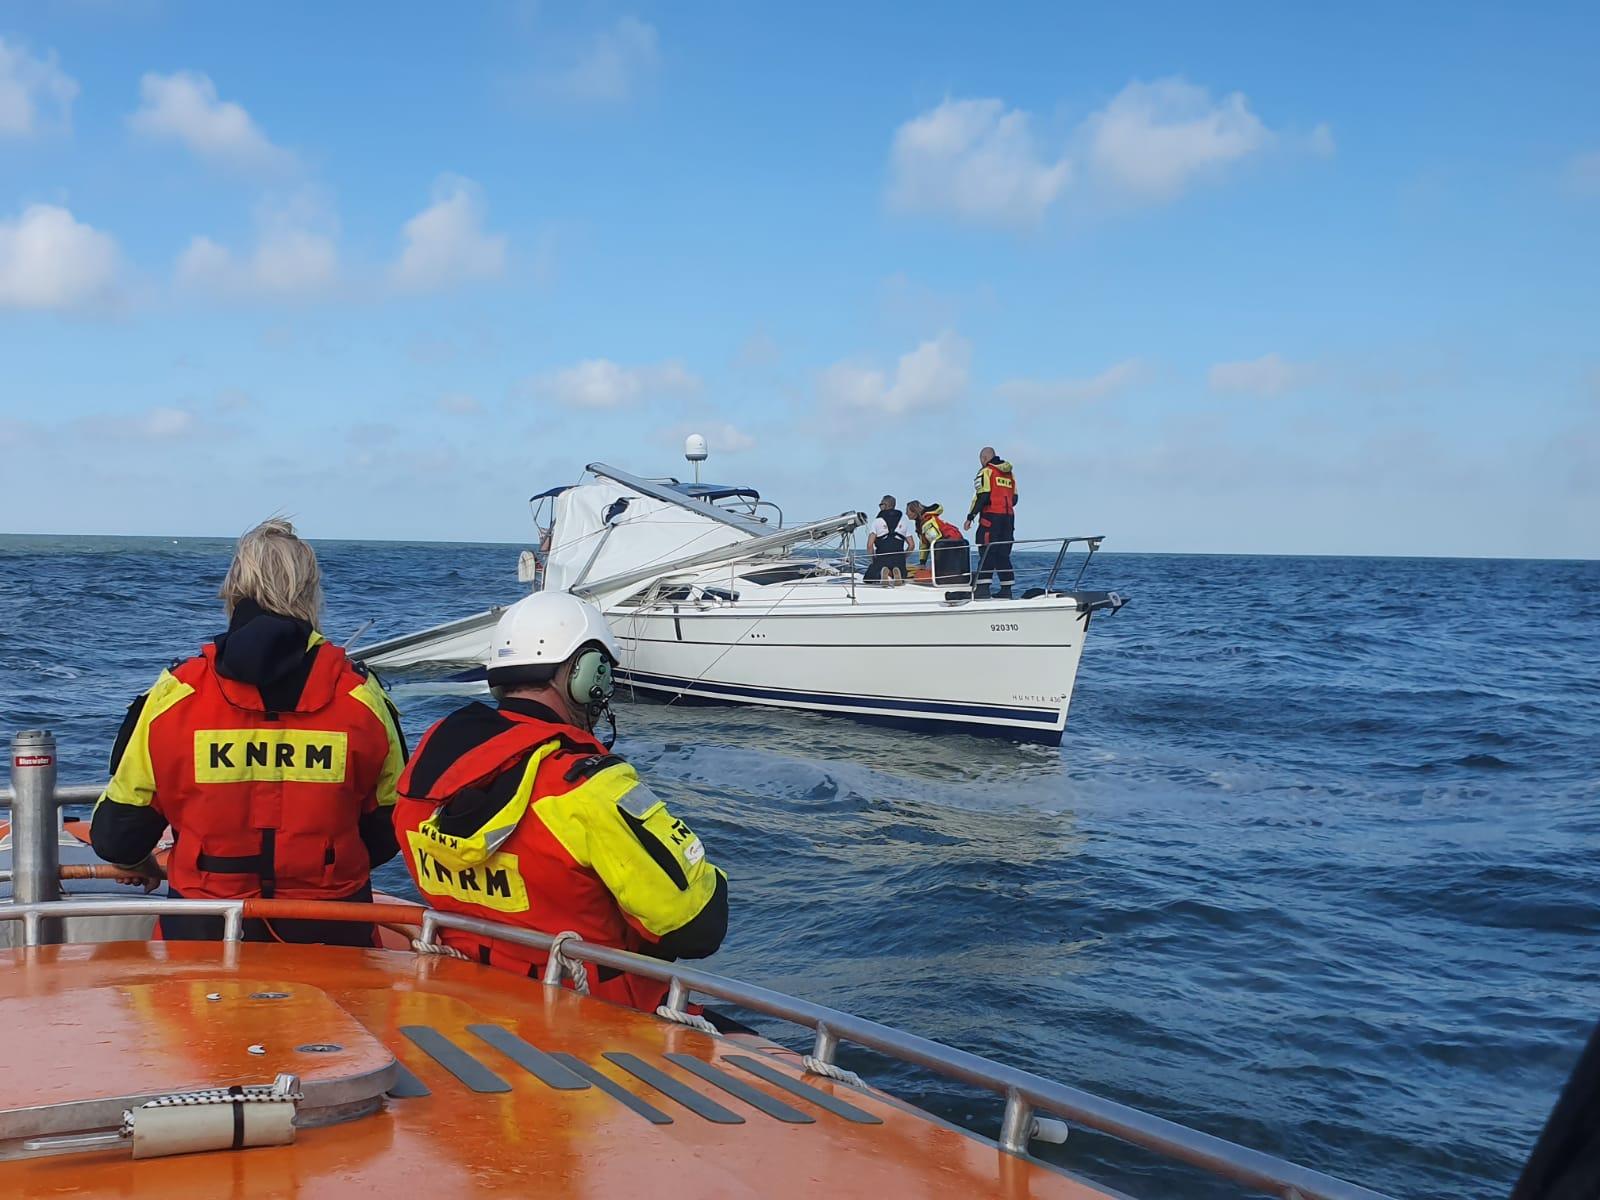 Zeilschip in problemen op de Noordzee